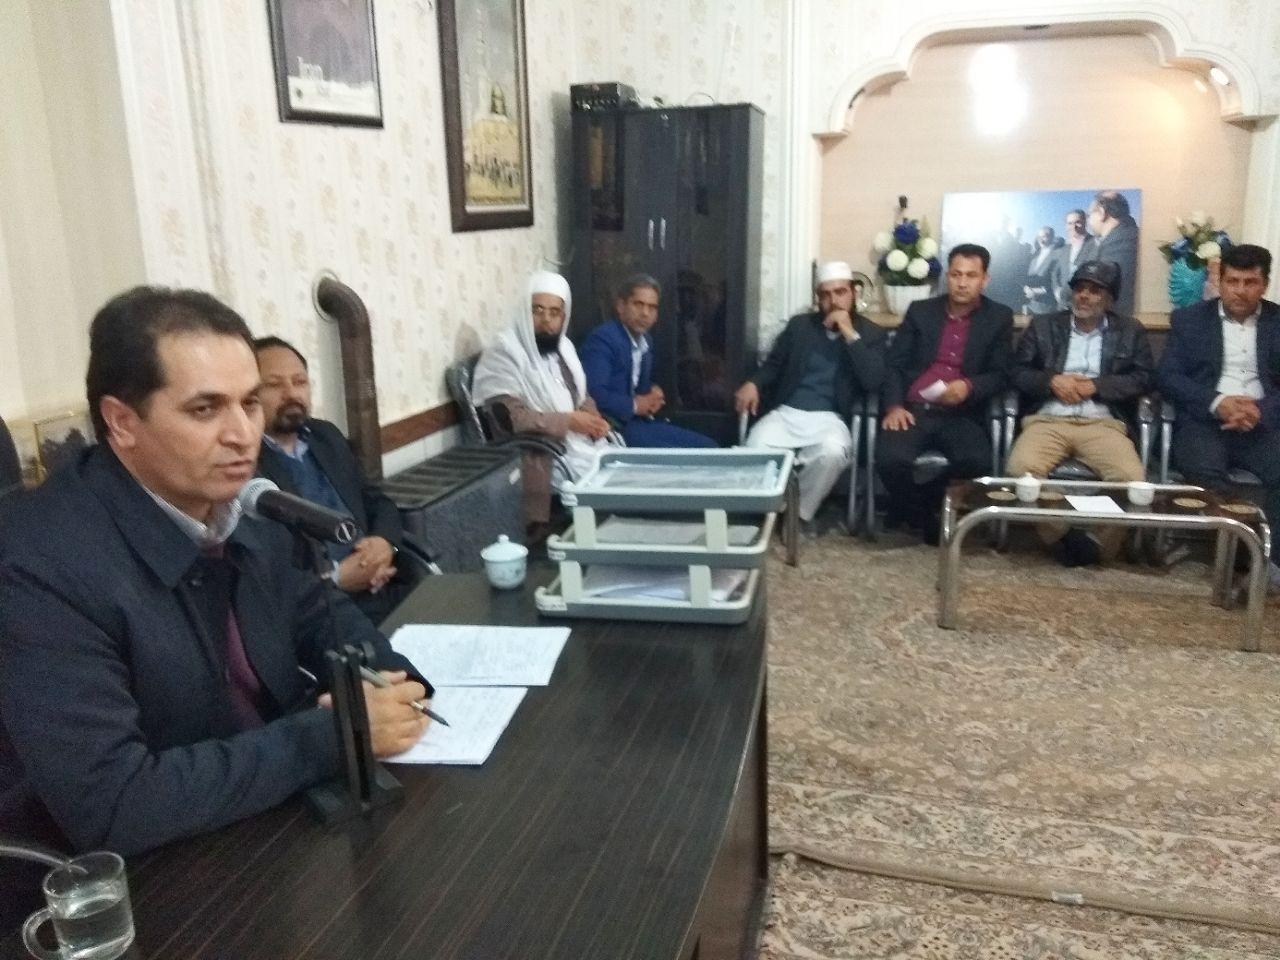 با حضور نماینده و فرماندار، مشکلات روستاهای بخش مرکزی خواف بررسی شد